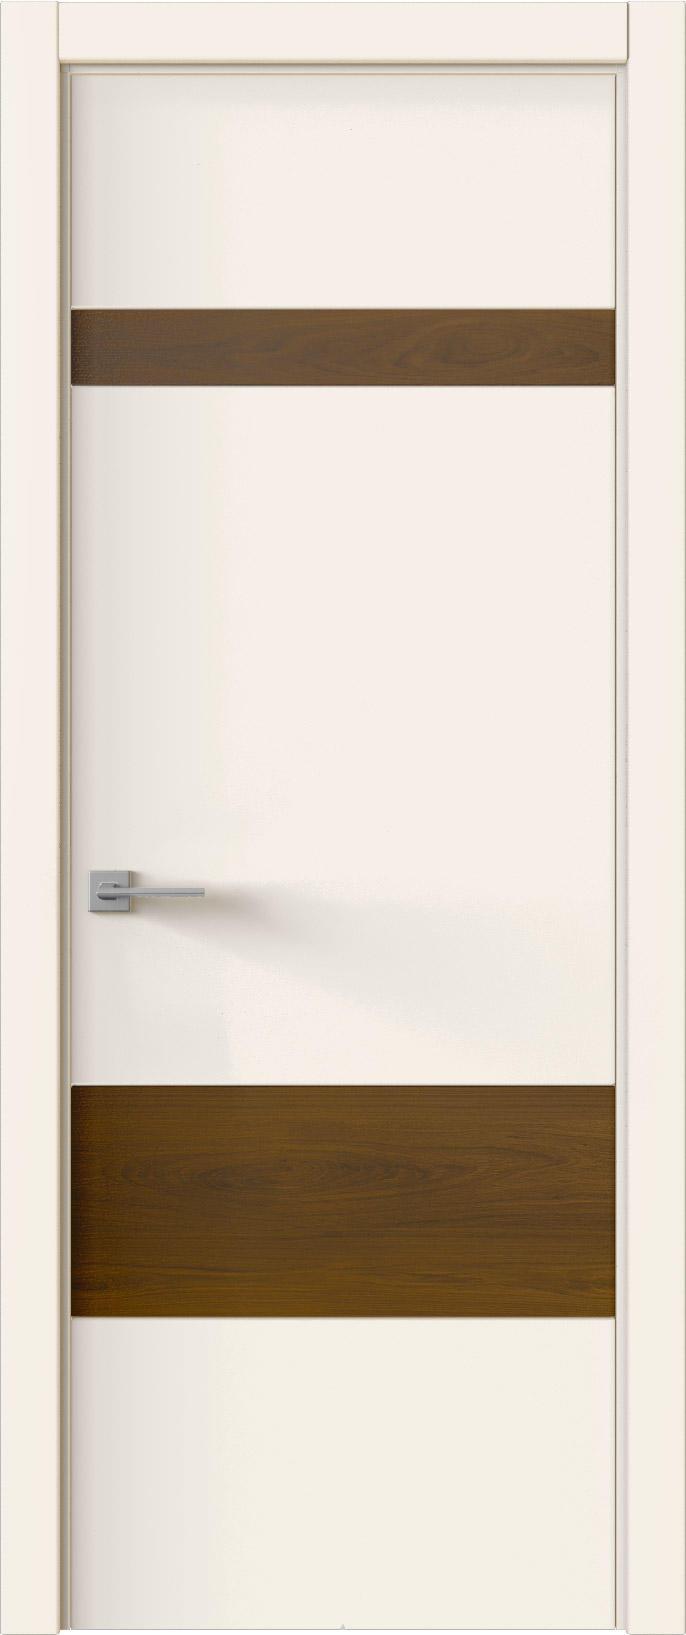 Tivoli К-4 цвет - Бежевая эмаль (RAL 9010) Без стекла (ДГ)